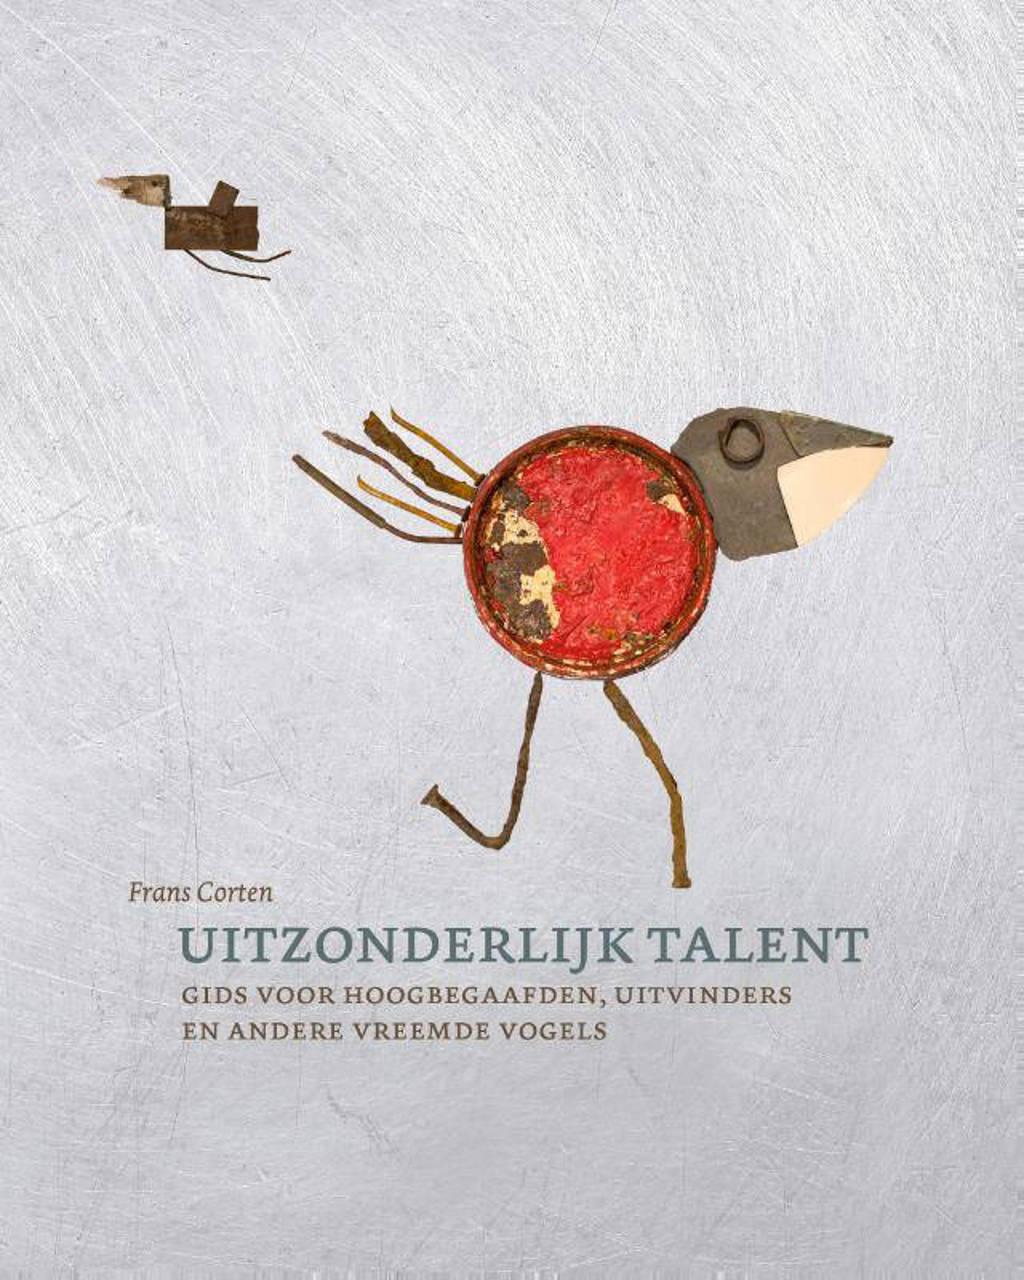 Uitzonderlijk talent - Frans Corten